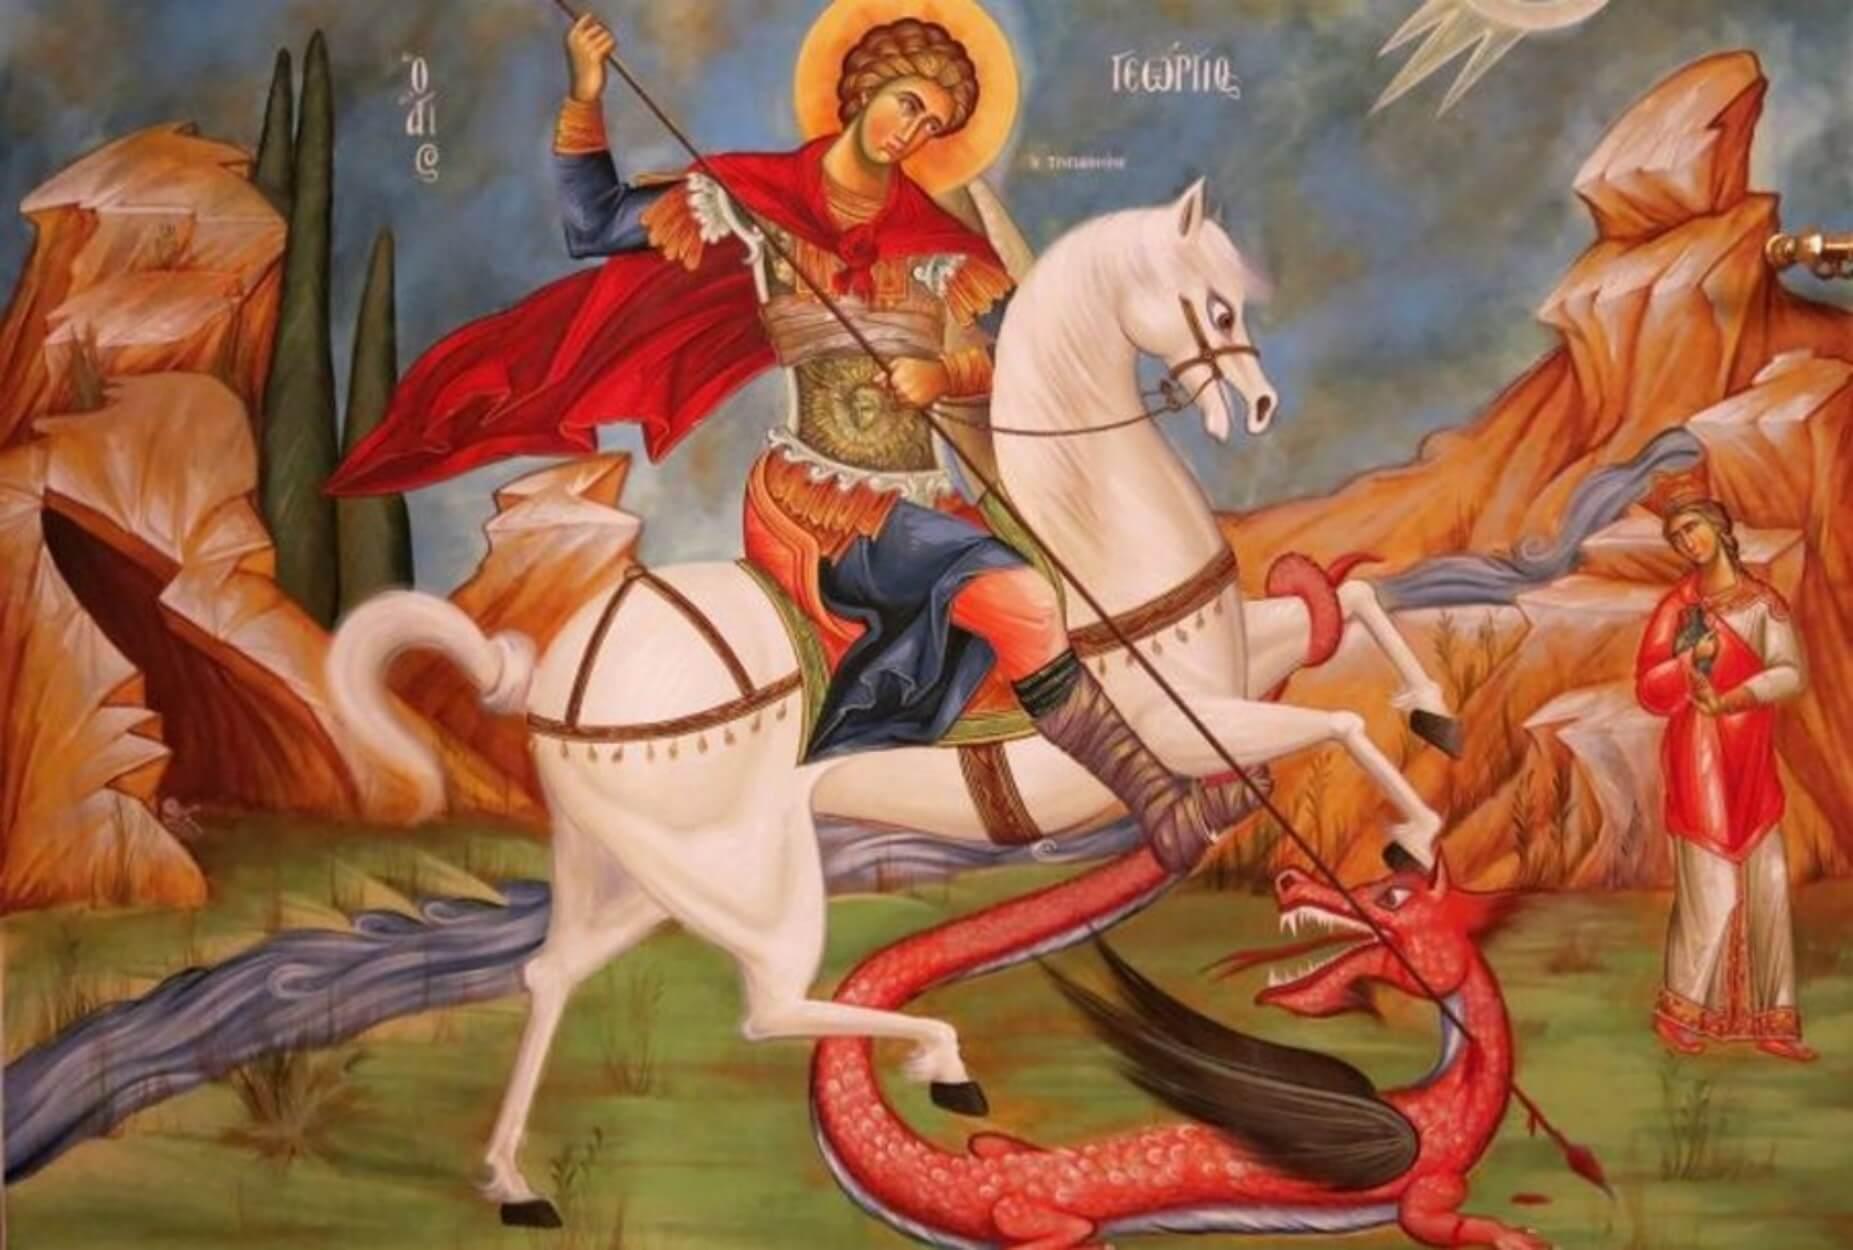 Πότε είναι φέτος του Αγίου Γεωργίου - Πότε γιορτάζεται - Ειδήσεις